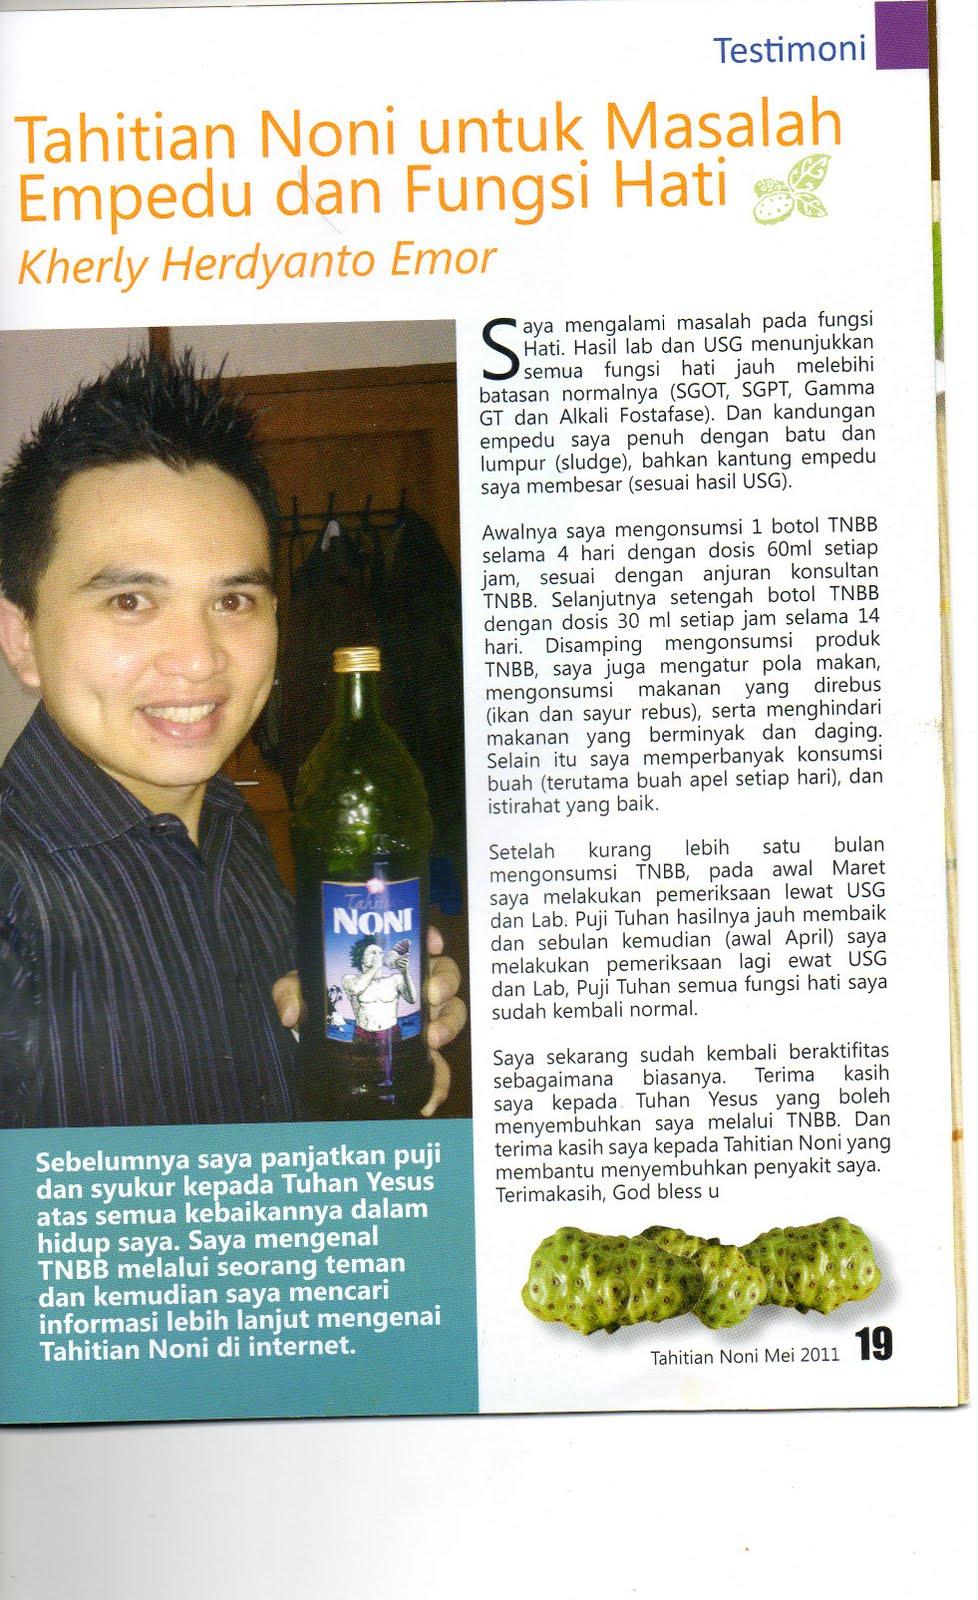 Tahitian Noni Cianjur Indonesia 1 Botol Kamis 18 Agustus 2011